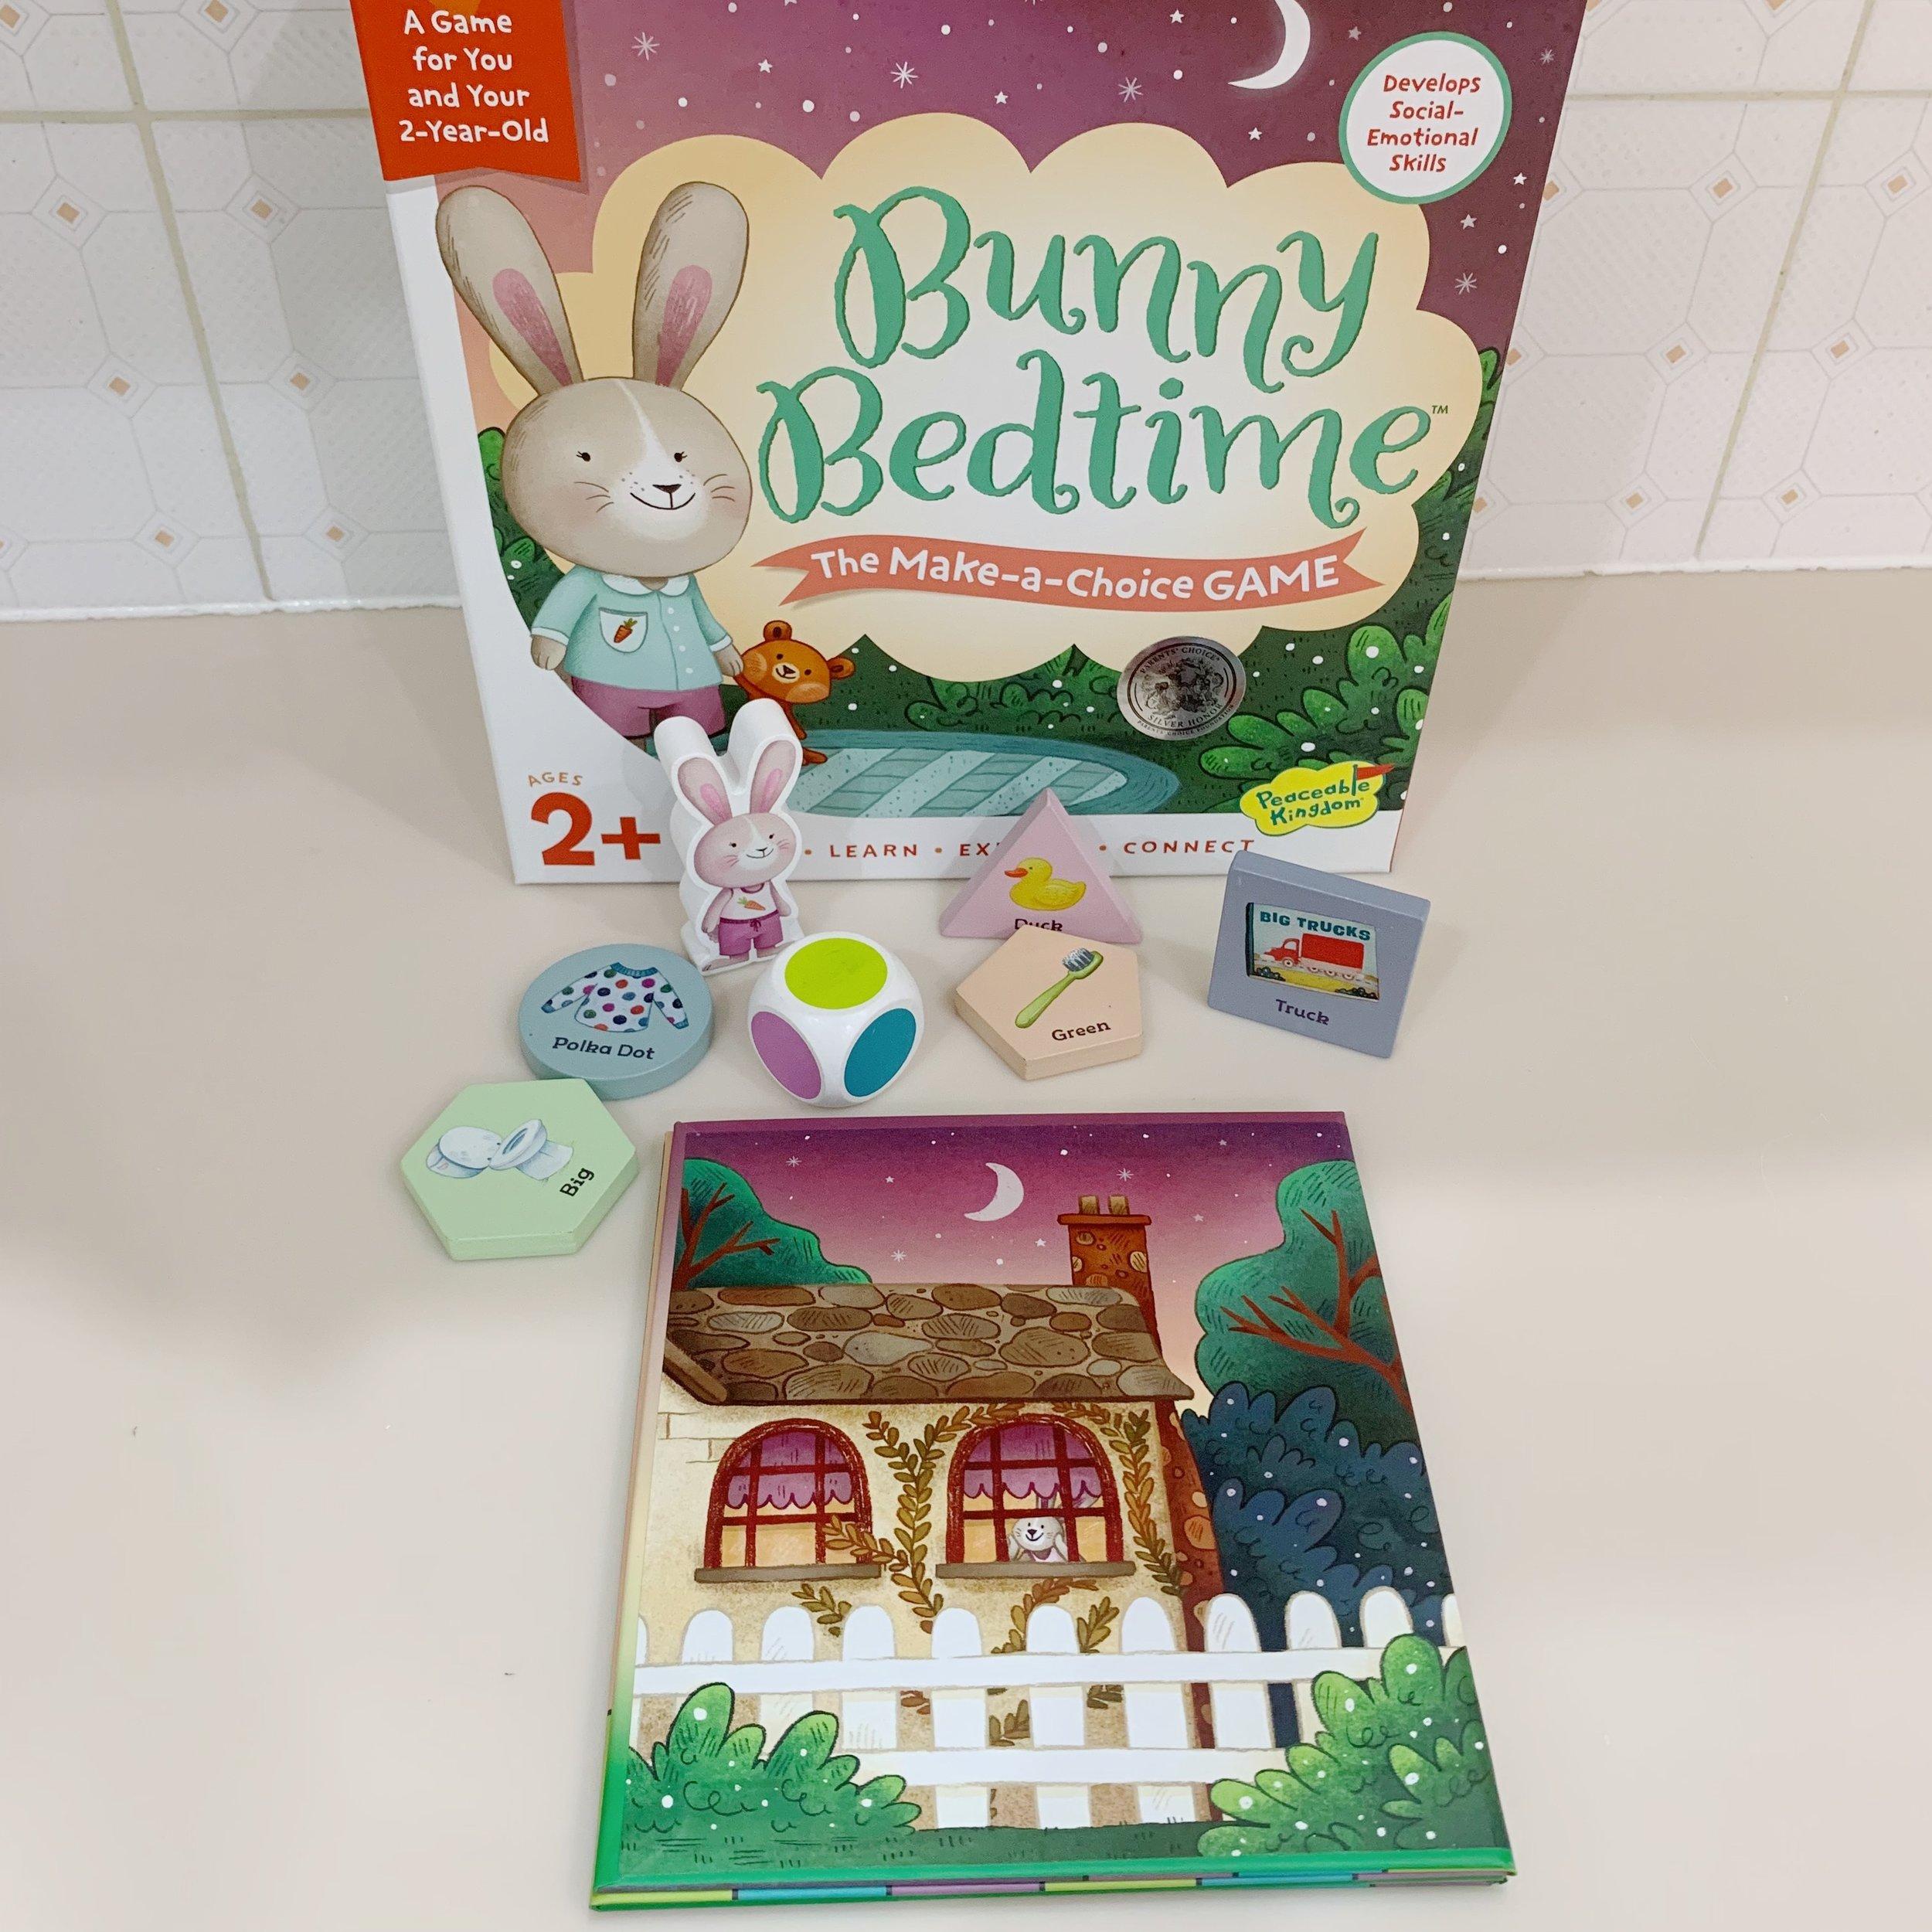 bunnybedtime5.jpg